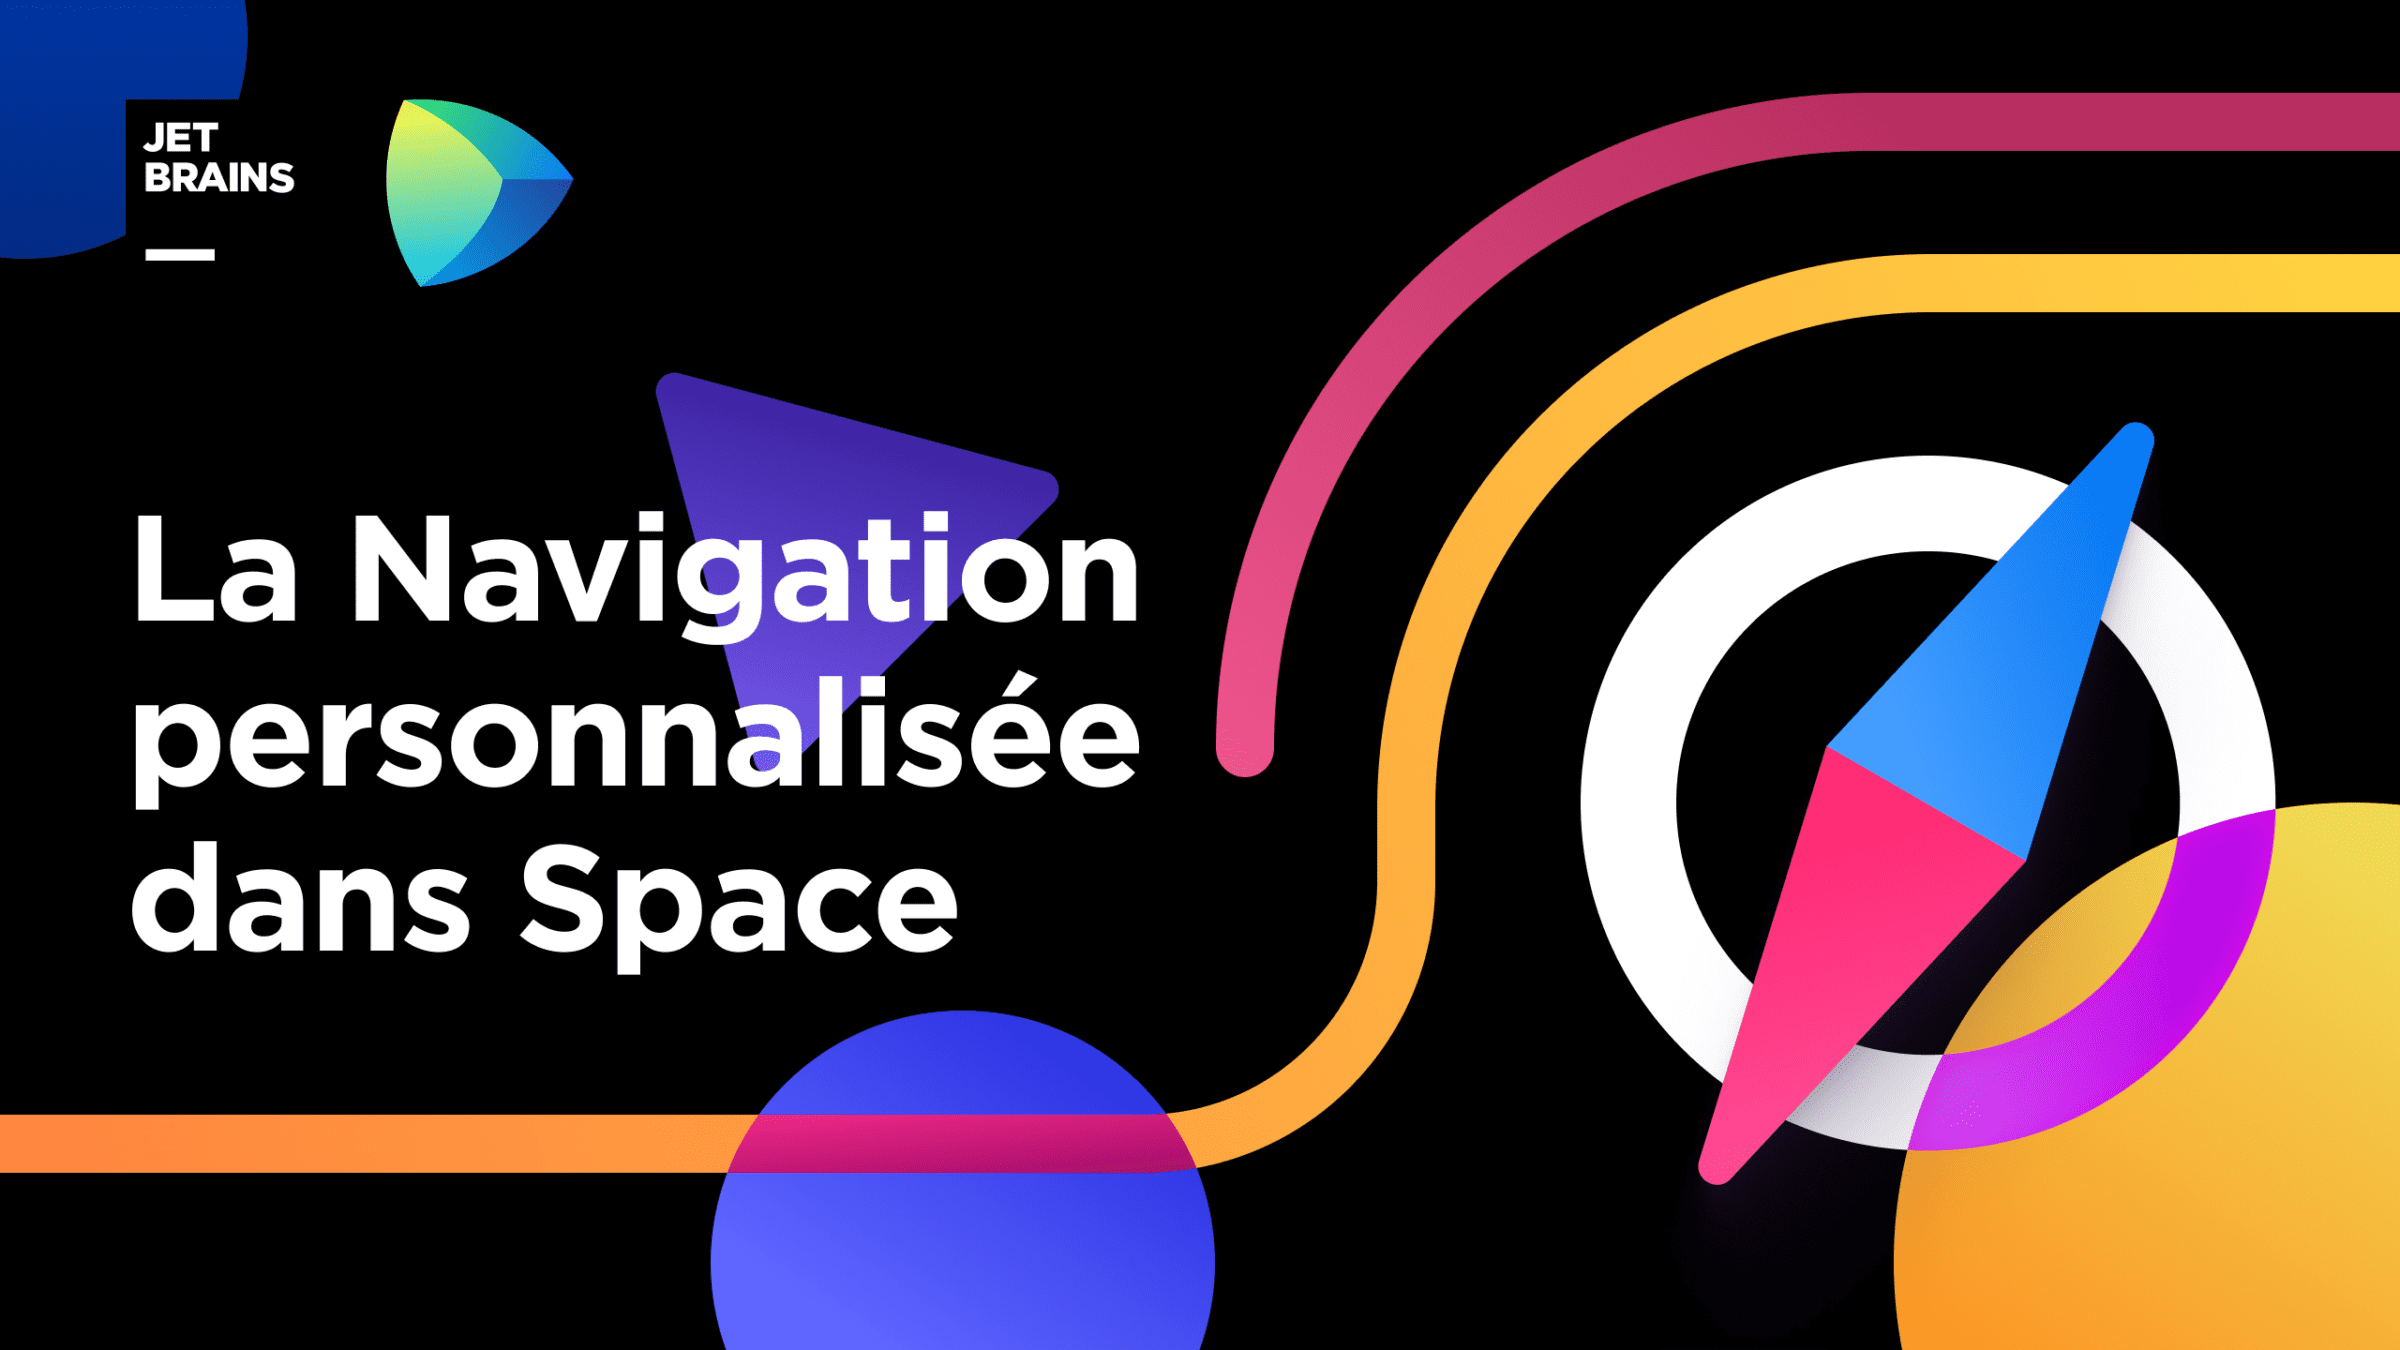 La navigation personnalisée dans Spaced